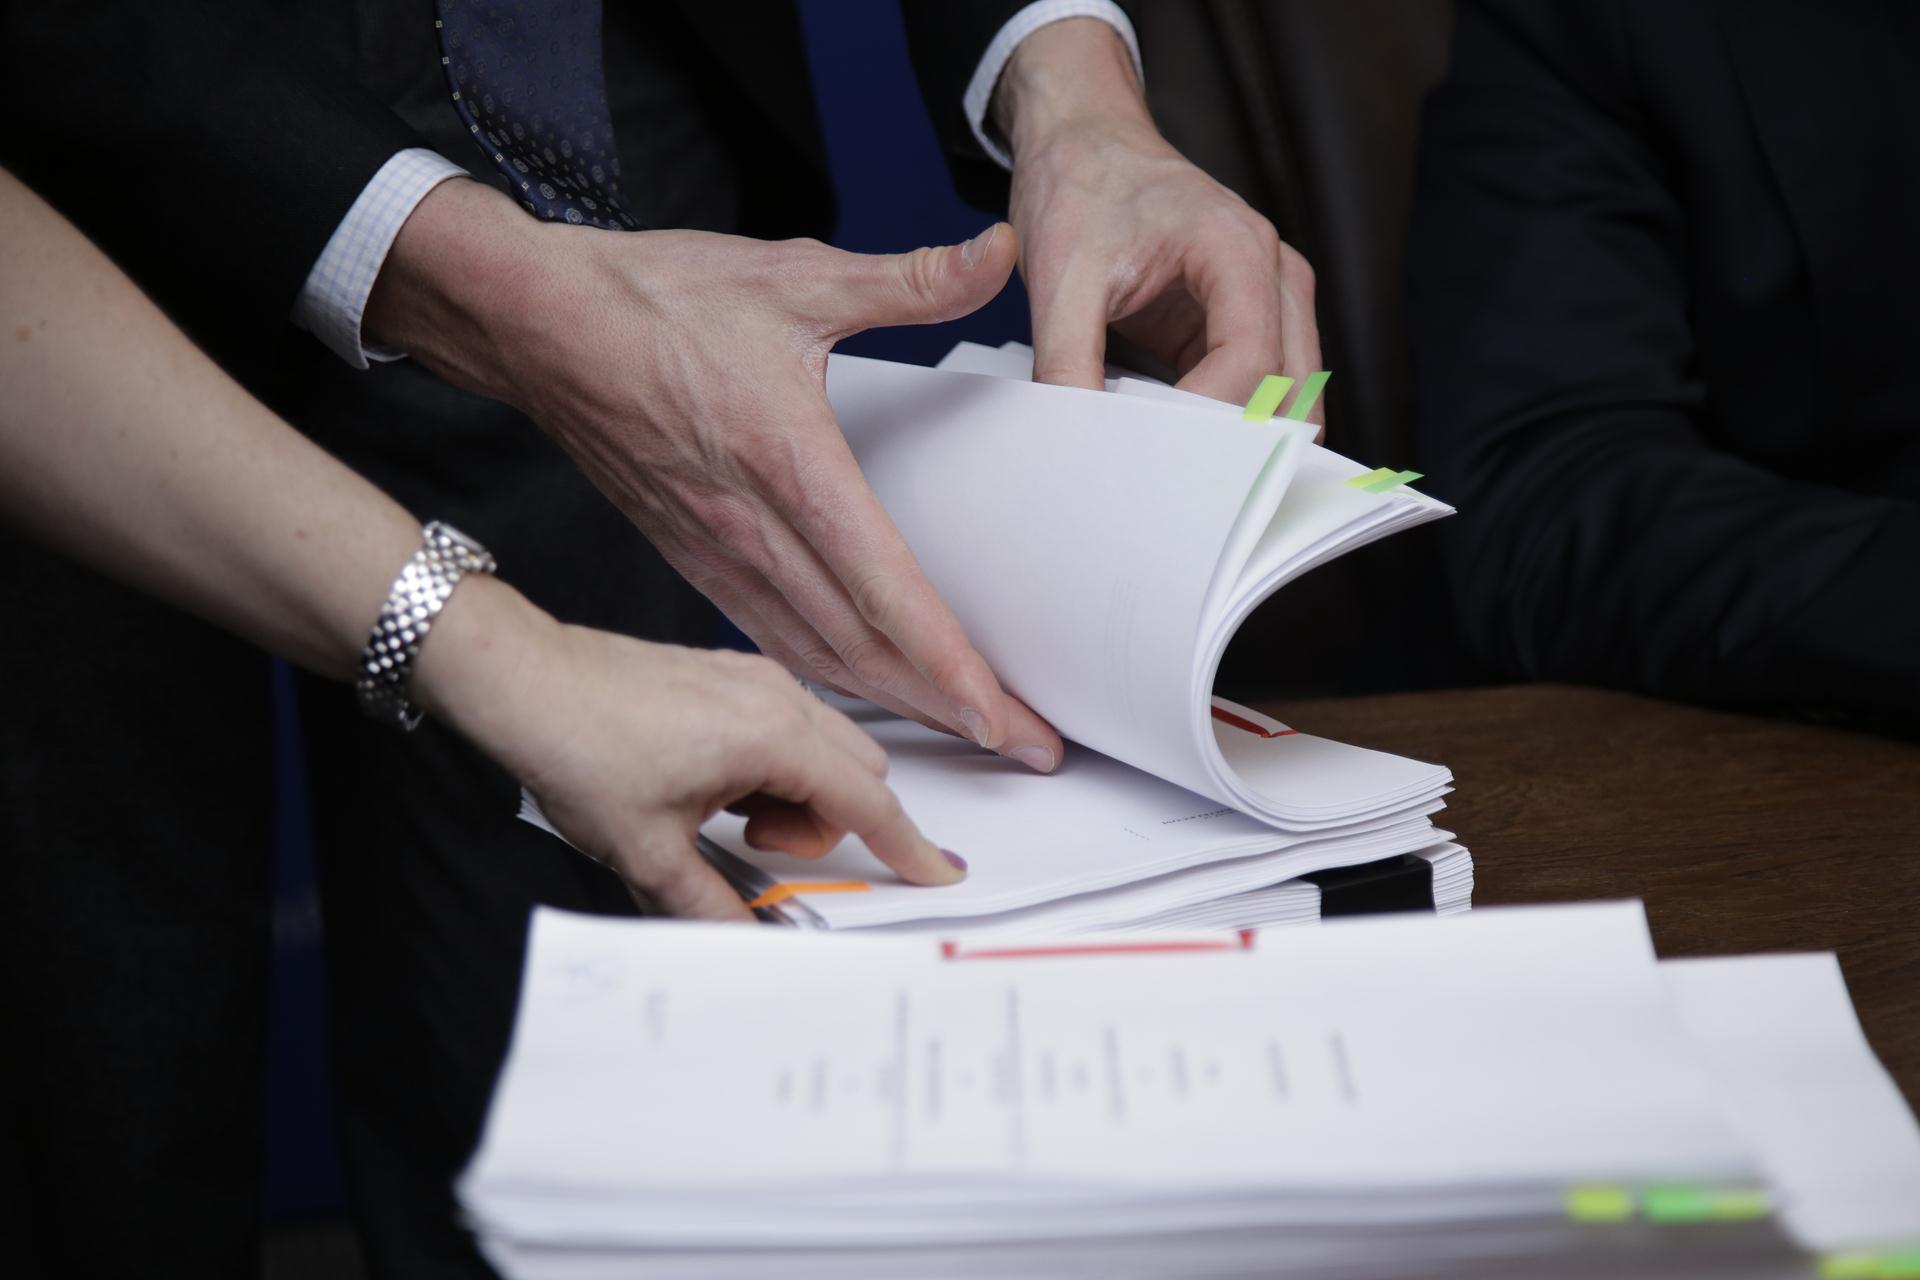 """Акции """"Казахтелекома"""" и Kcell включены в список ЦБ, допущенных к торгам на Санкт-Петербургской бирже"""